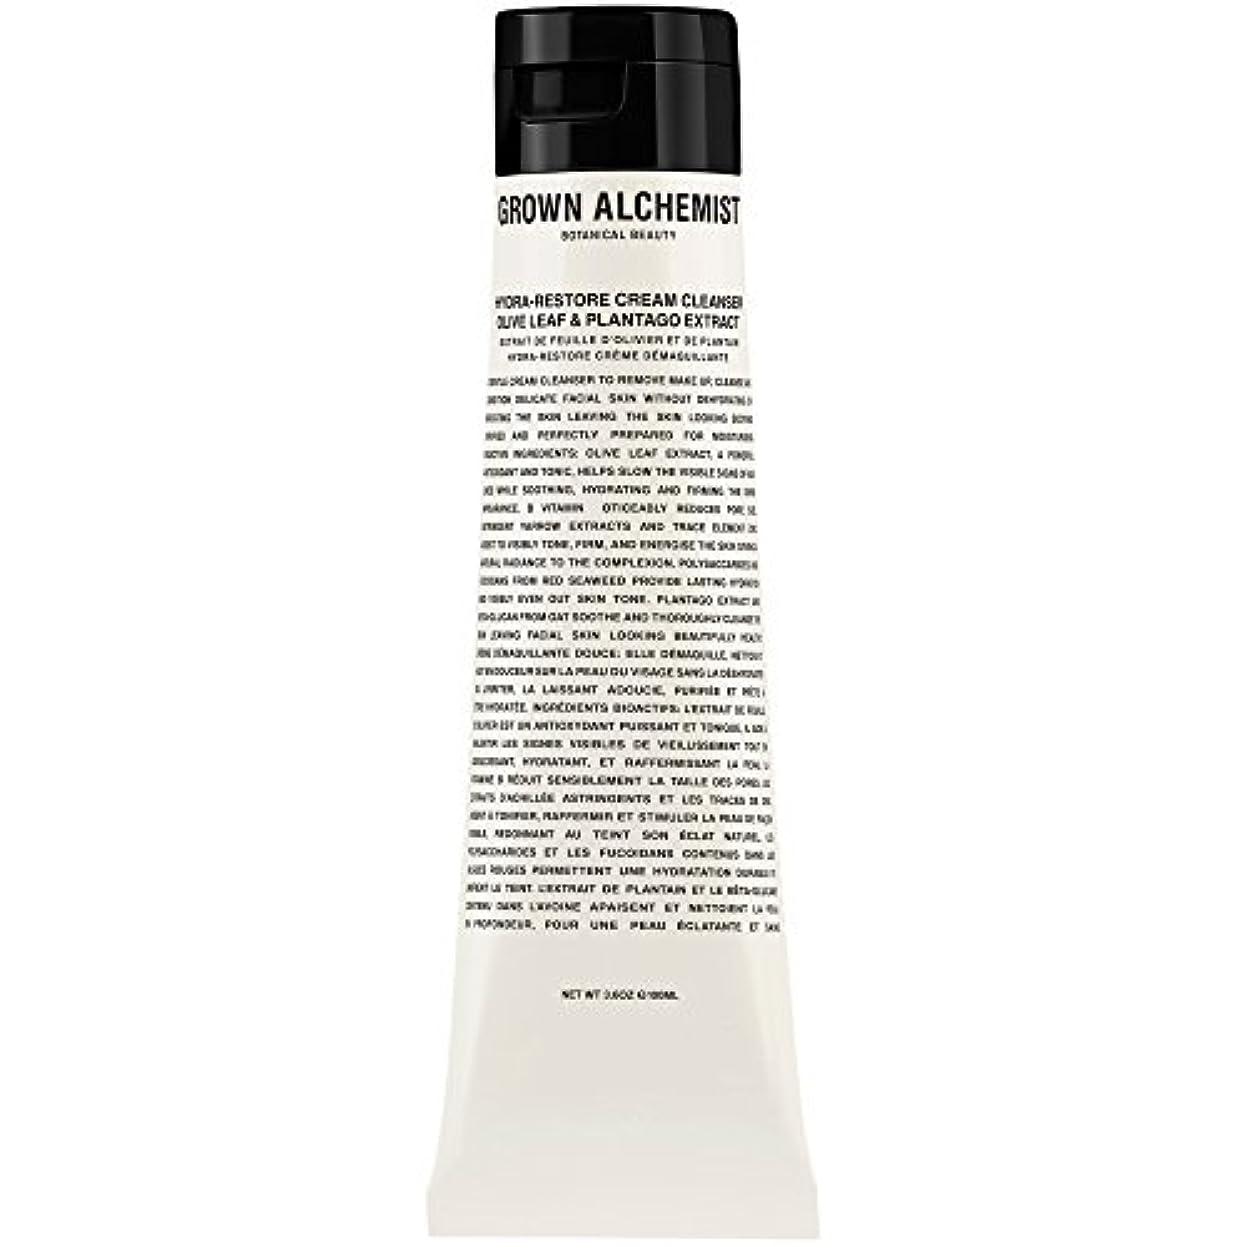 励起パイントマウスピースオリーブの葉&Plantogoエキス、100ミリリットル:成長した錬金術師クリームクレンザーをヒドラ復元 (Grown Alchemist) (x2) - Grown Alchemist Hydra-Restore Cream...